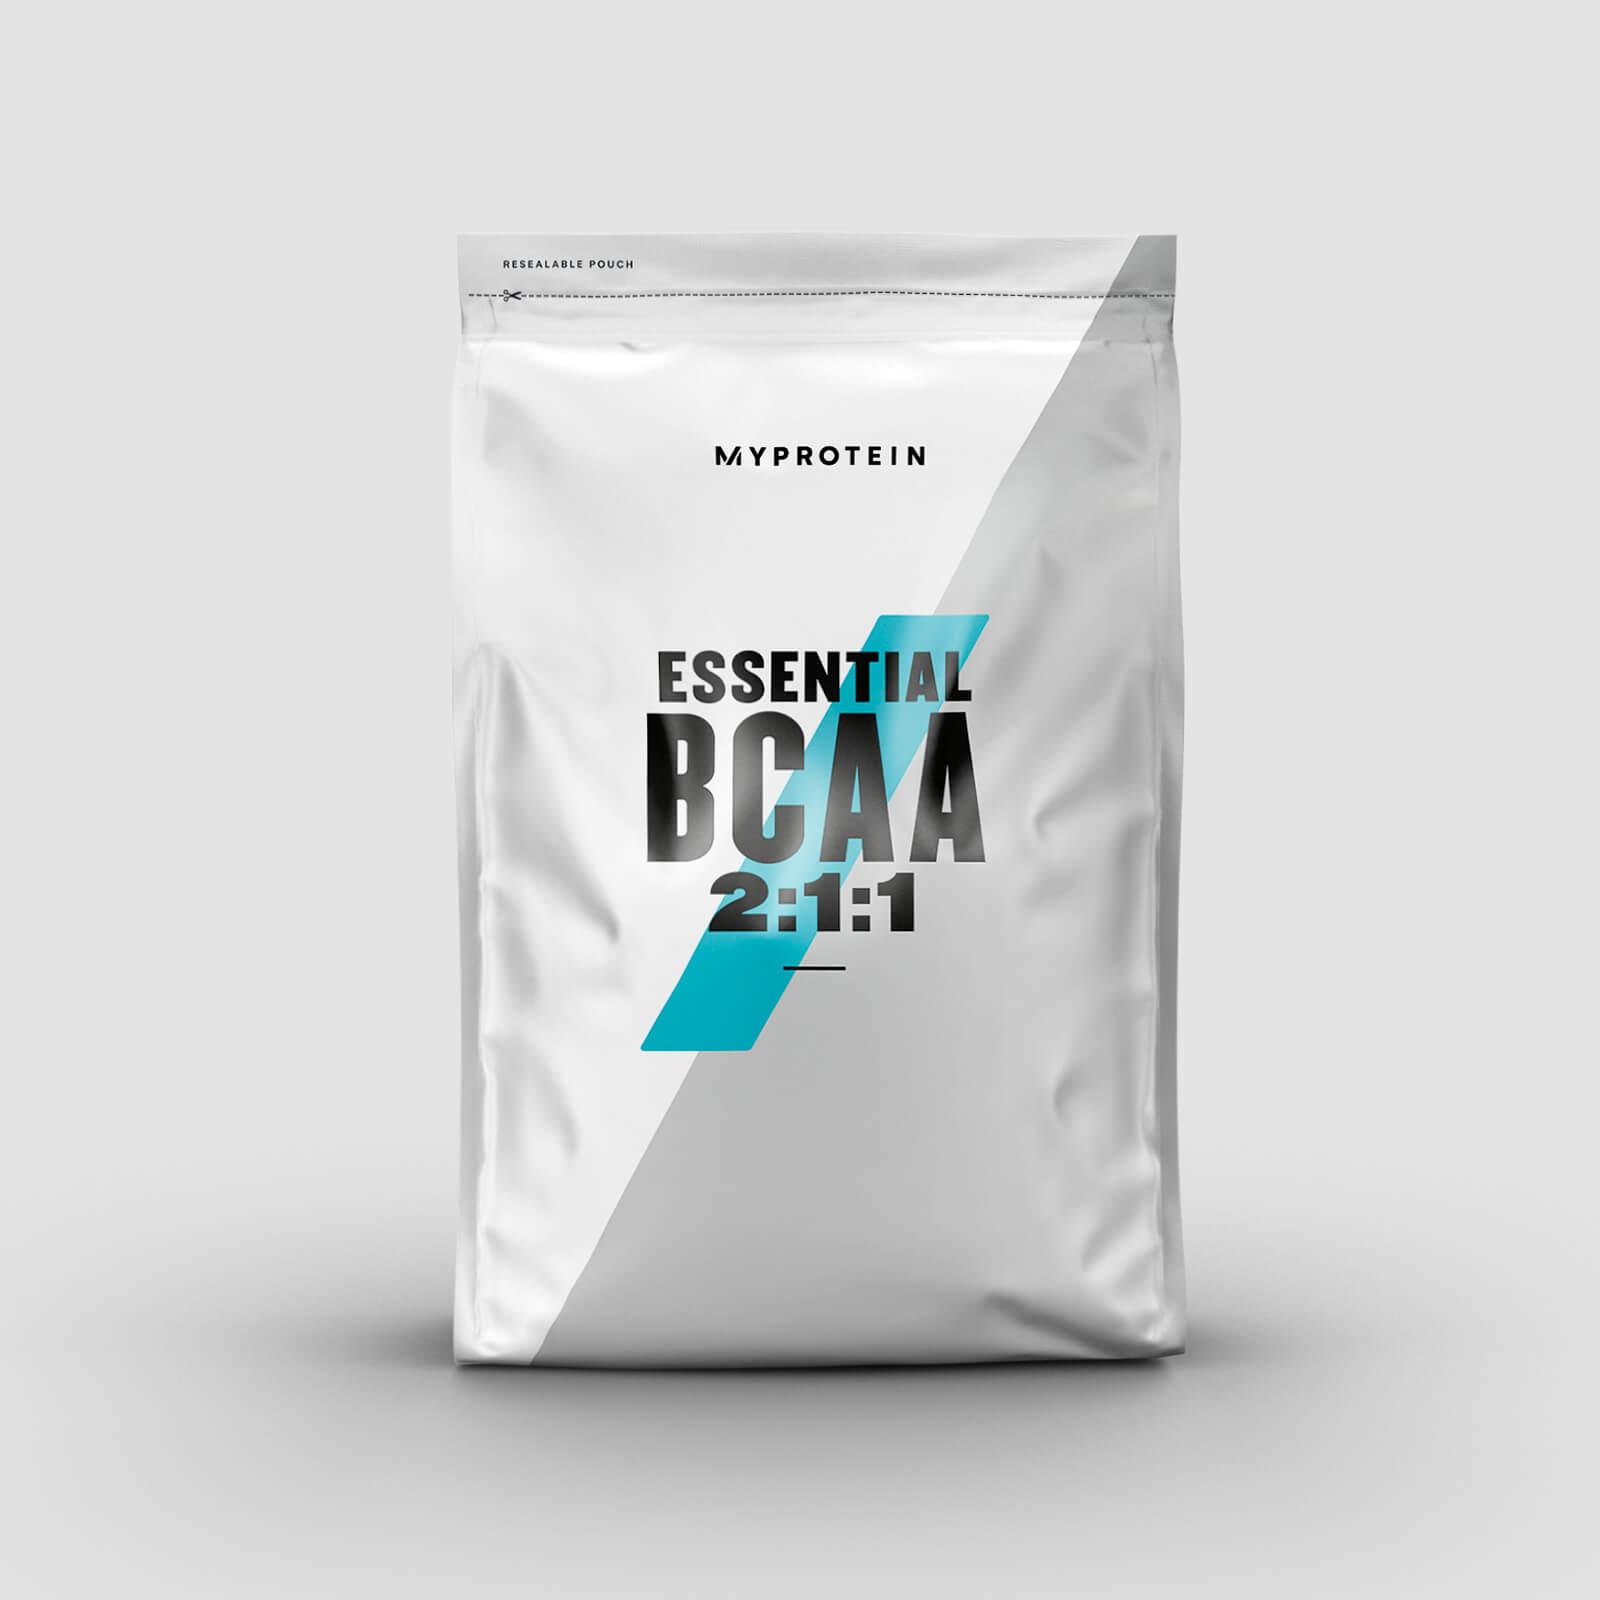 Myprotein Essential BCAA 2:1:1 Powder - 1kg - Grape